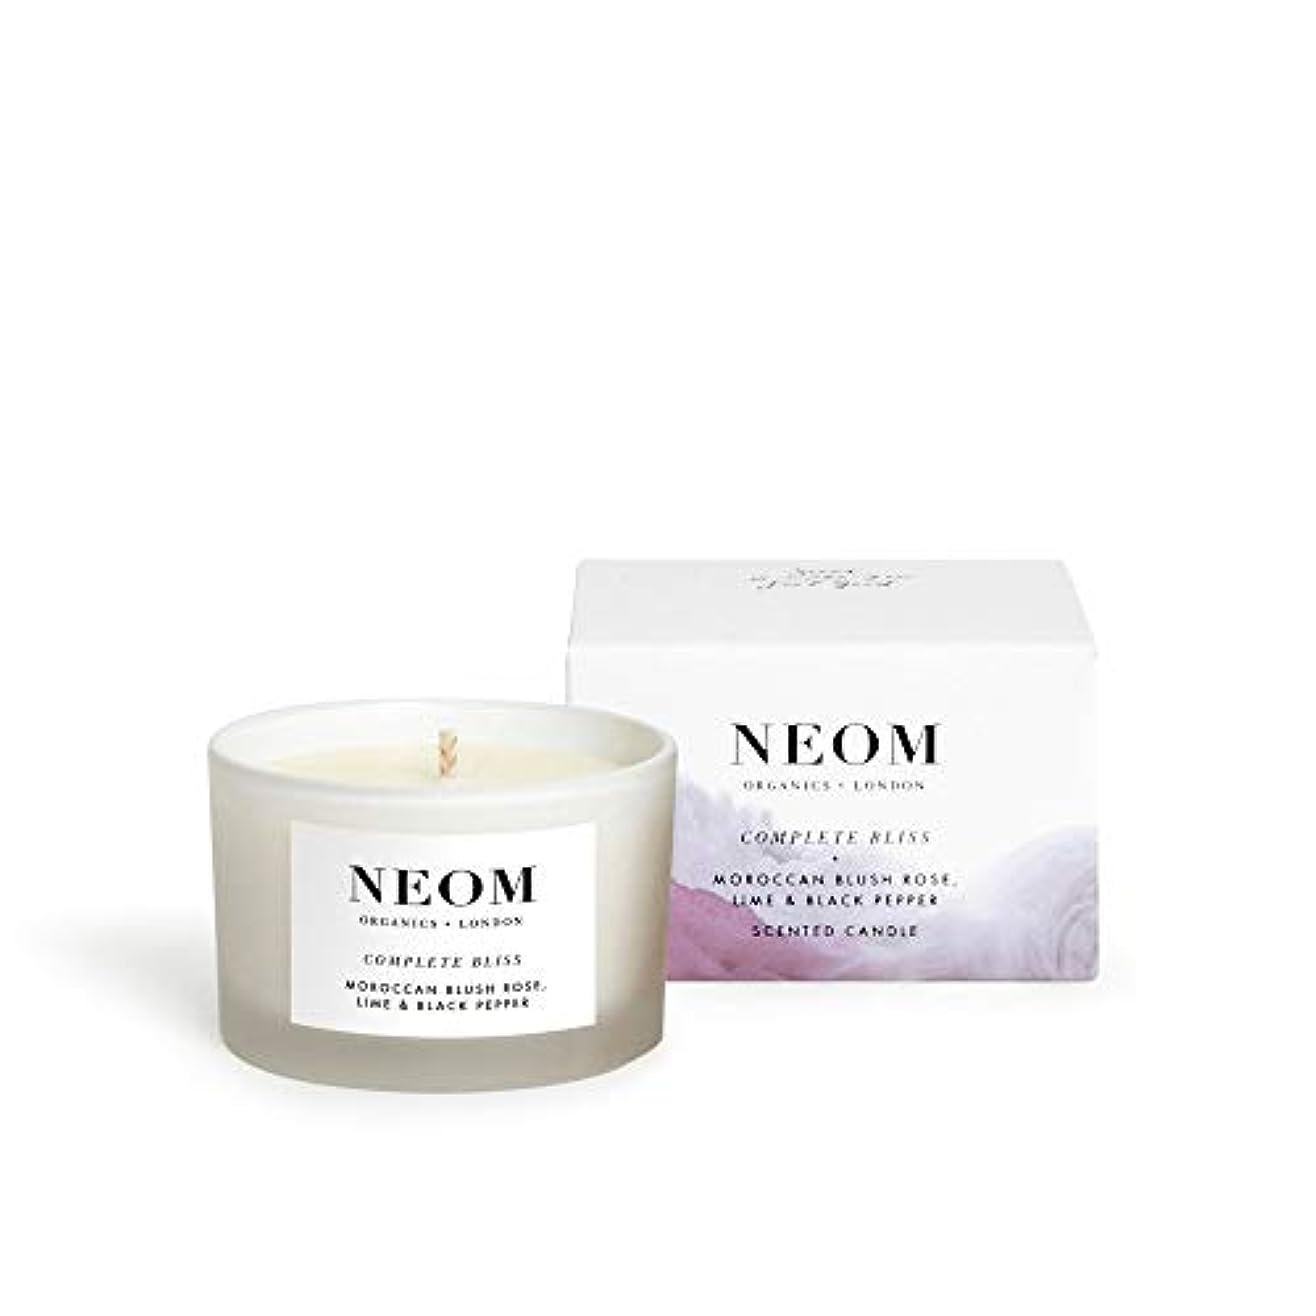 呪い見積りオークランド[Neom] Neom完全な至福の旅行キャンドル75グラム - Neom Complete Bliss Travel Candle 75g [並行輸入品]